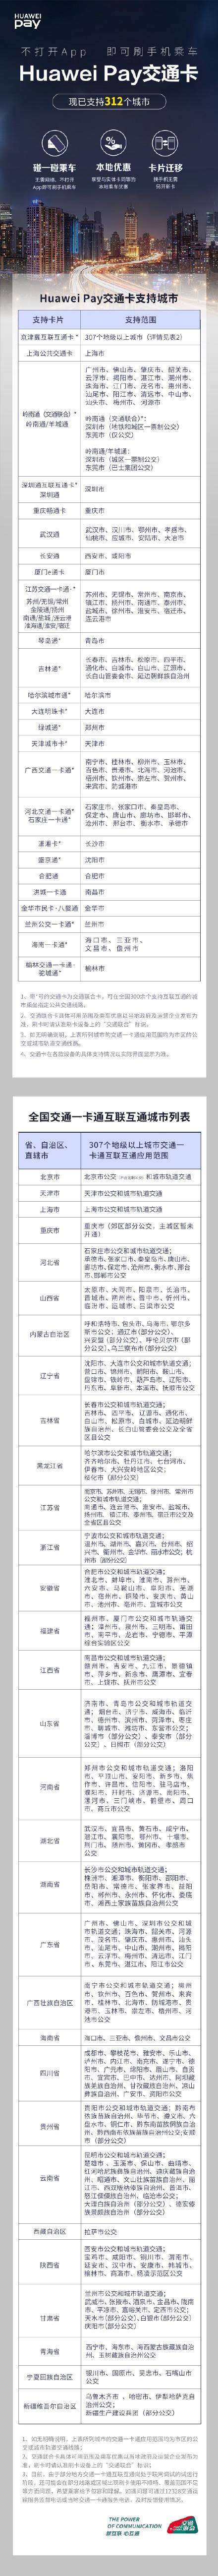 华为Huawei Pay新上线支持6个城市交通卡